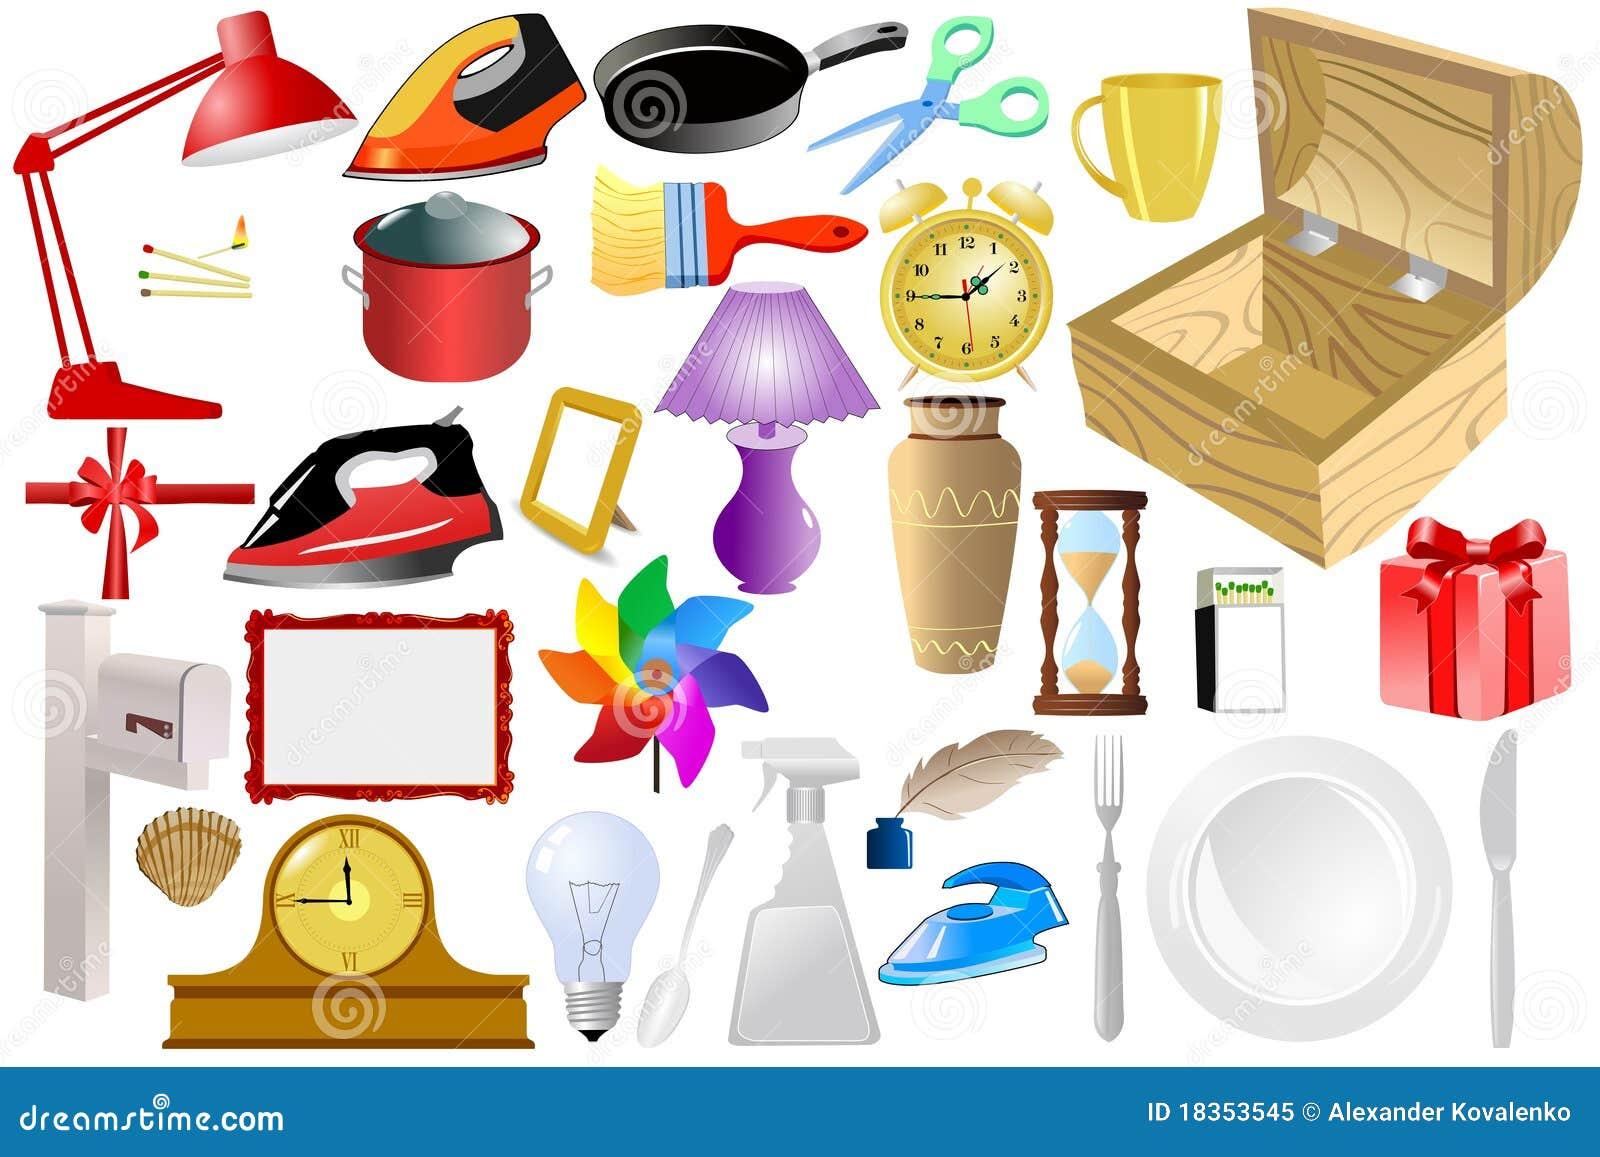 Oggetti domestici illustrazione vettoriale illustrazione for Programmi per progettare oggetti